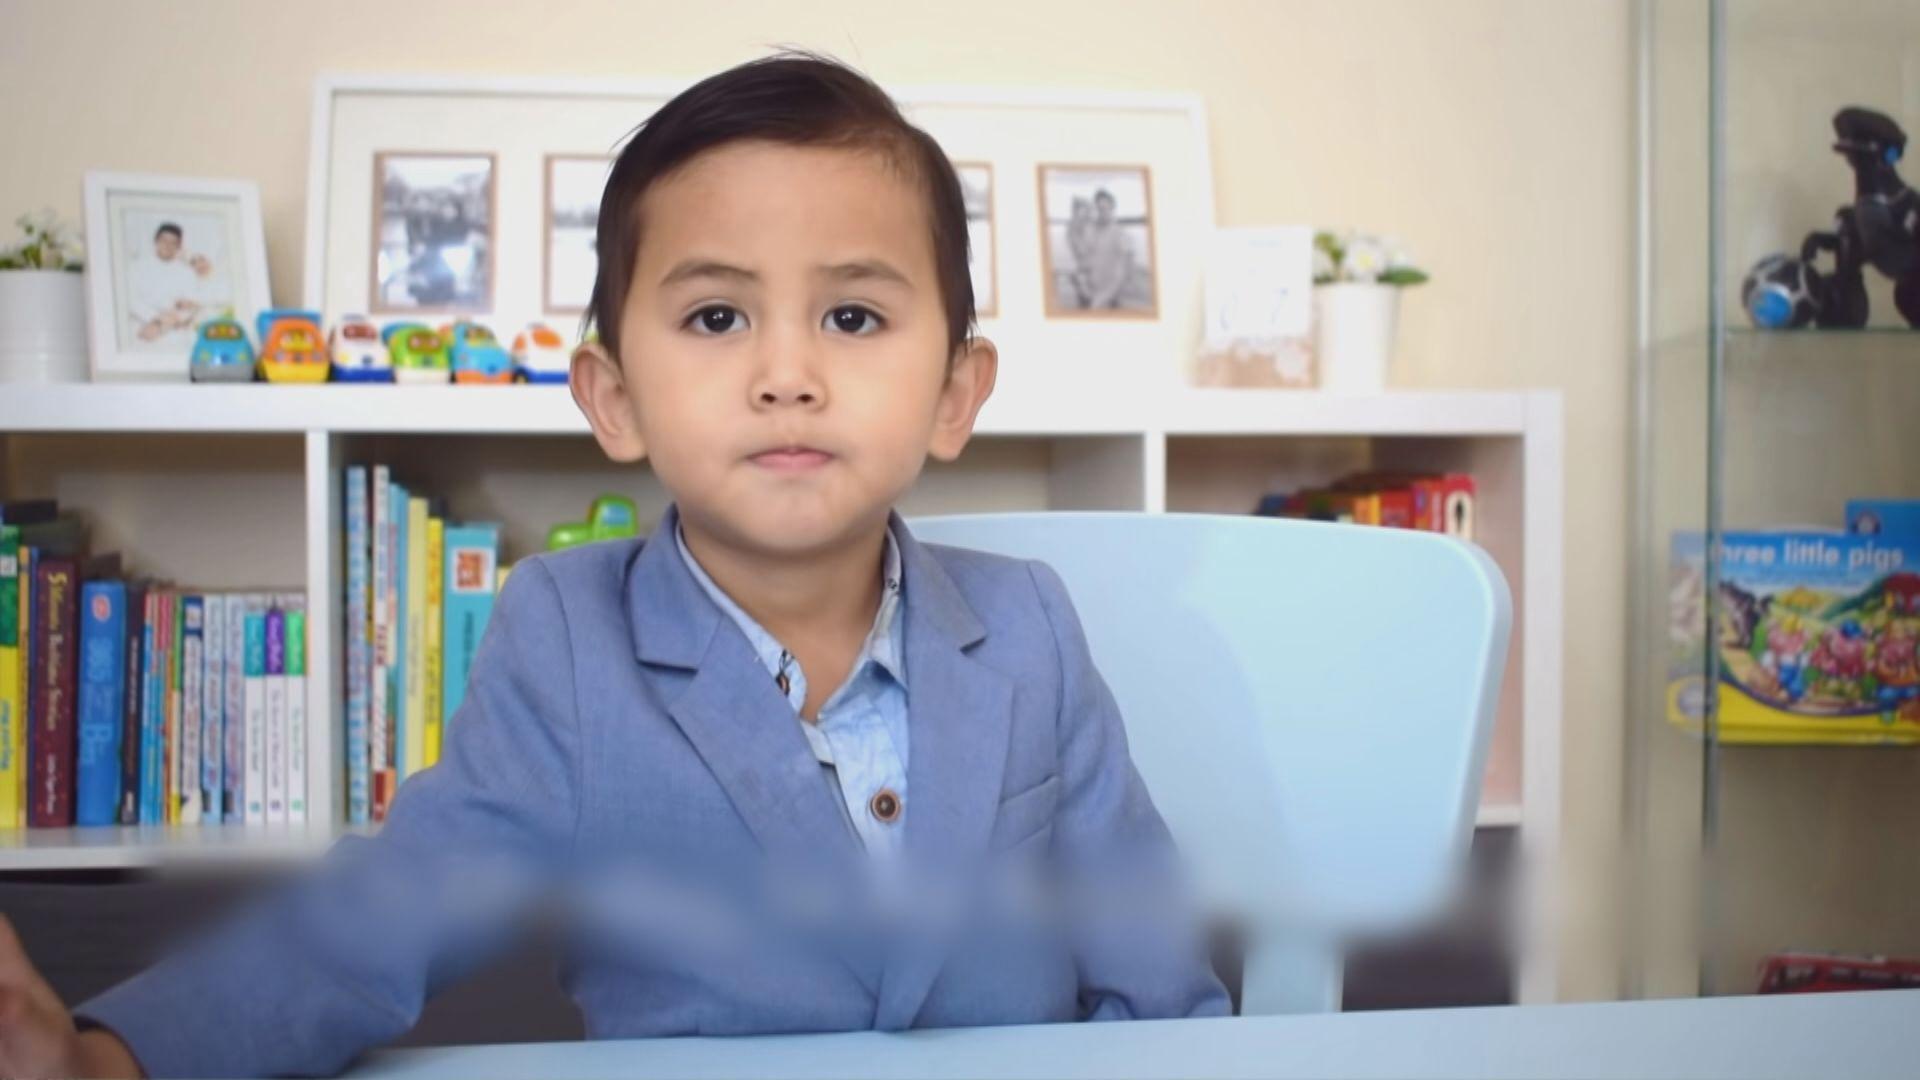 【環球薈報】三歲馬來西亞男童成最年輕門薩會員